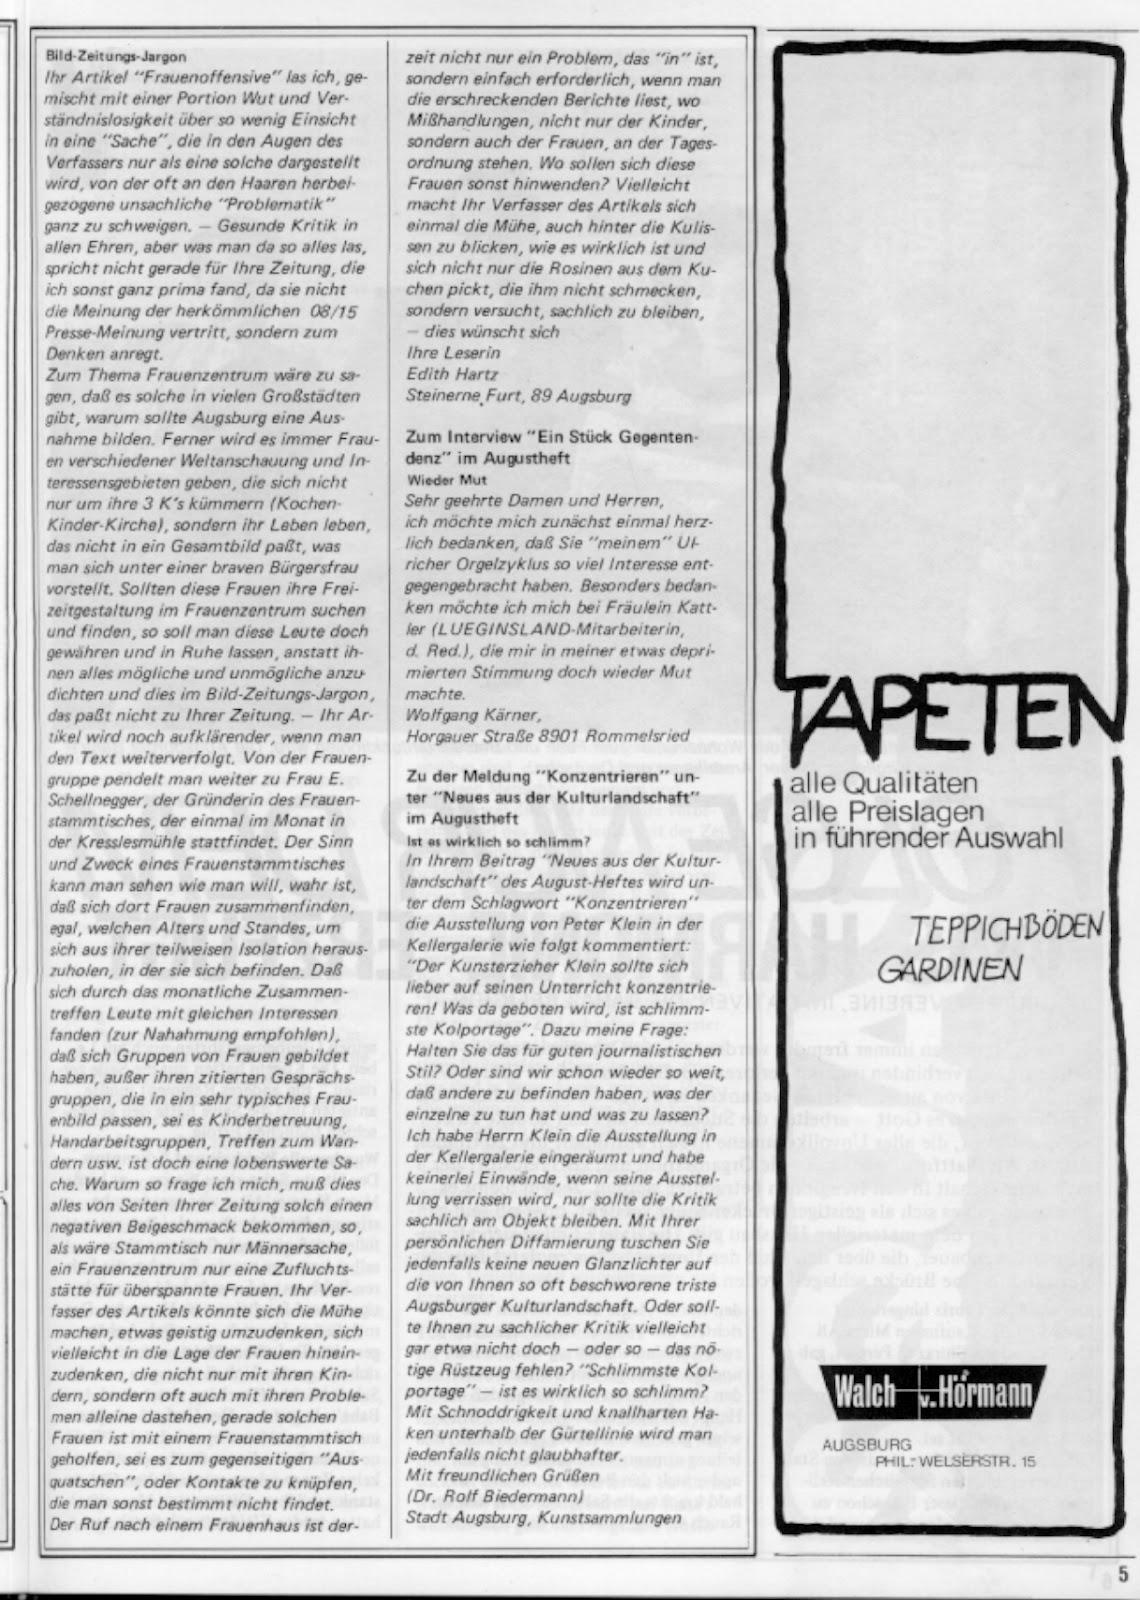 Stadtmagazin Lueginsland Augsburg: Lueginsland Ausgabe September 1978